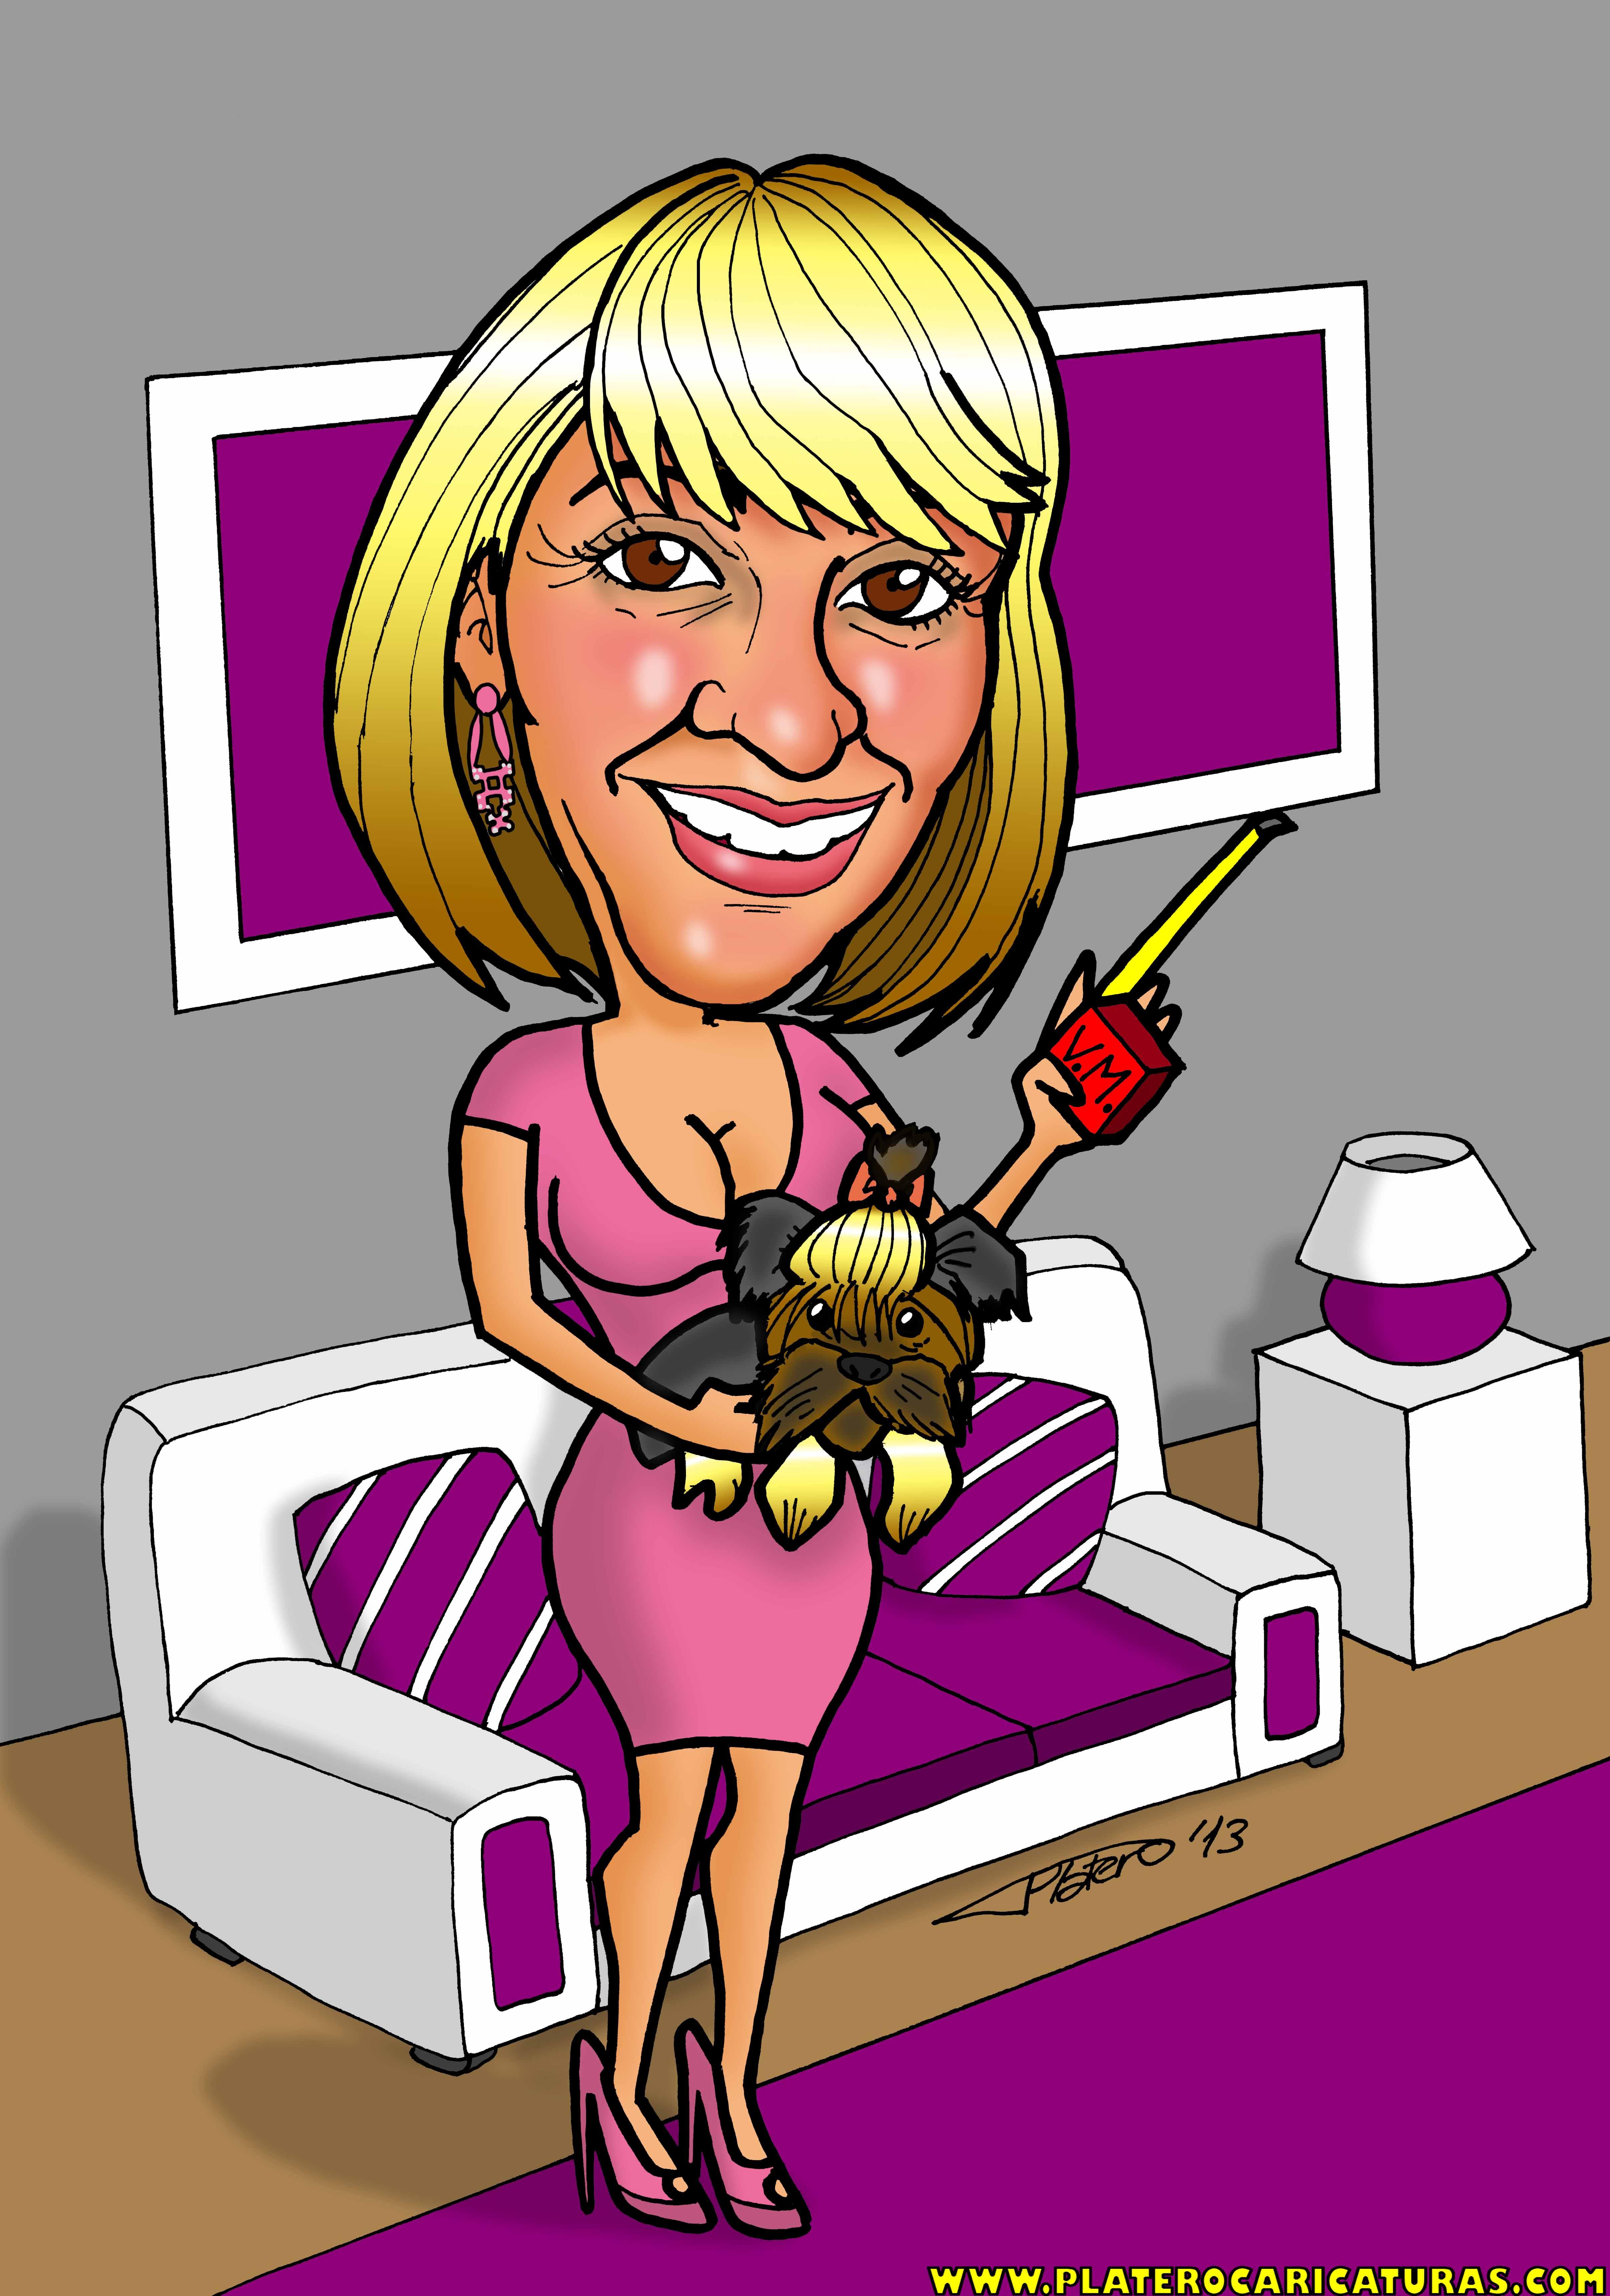 caricaturas a color por encargo personalizadas_mujer vendedora_platerocaricatura